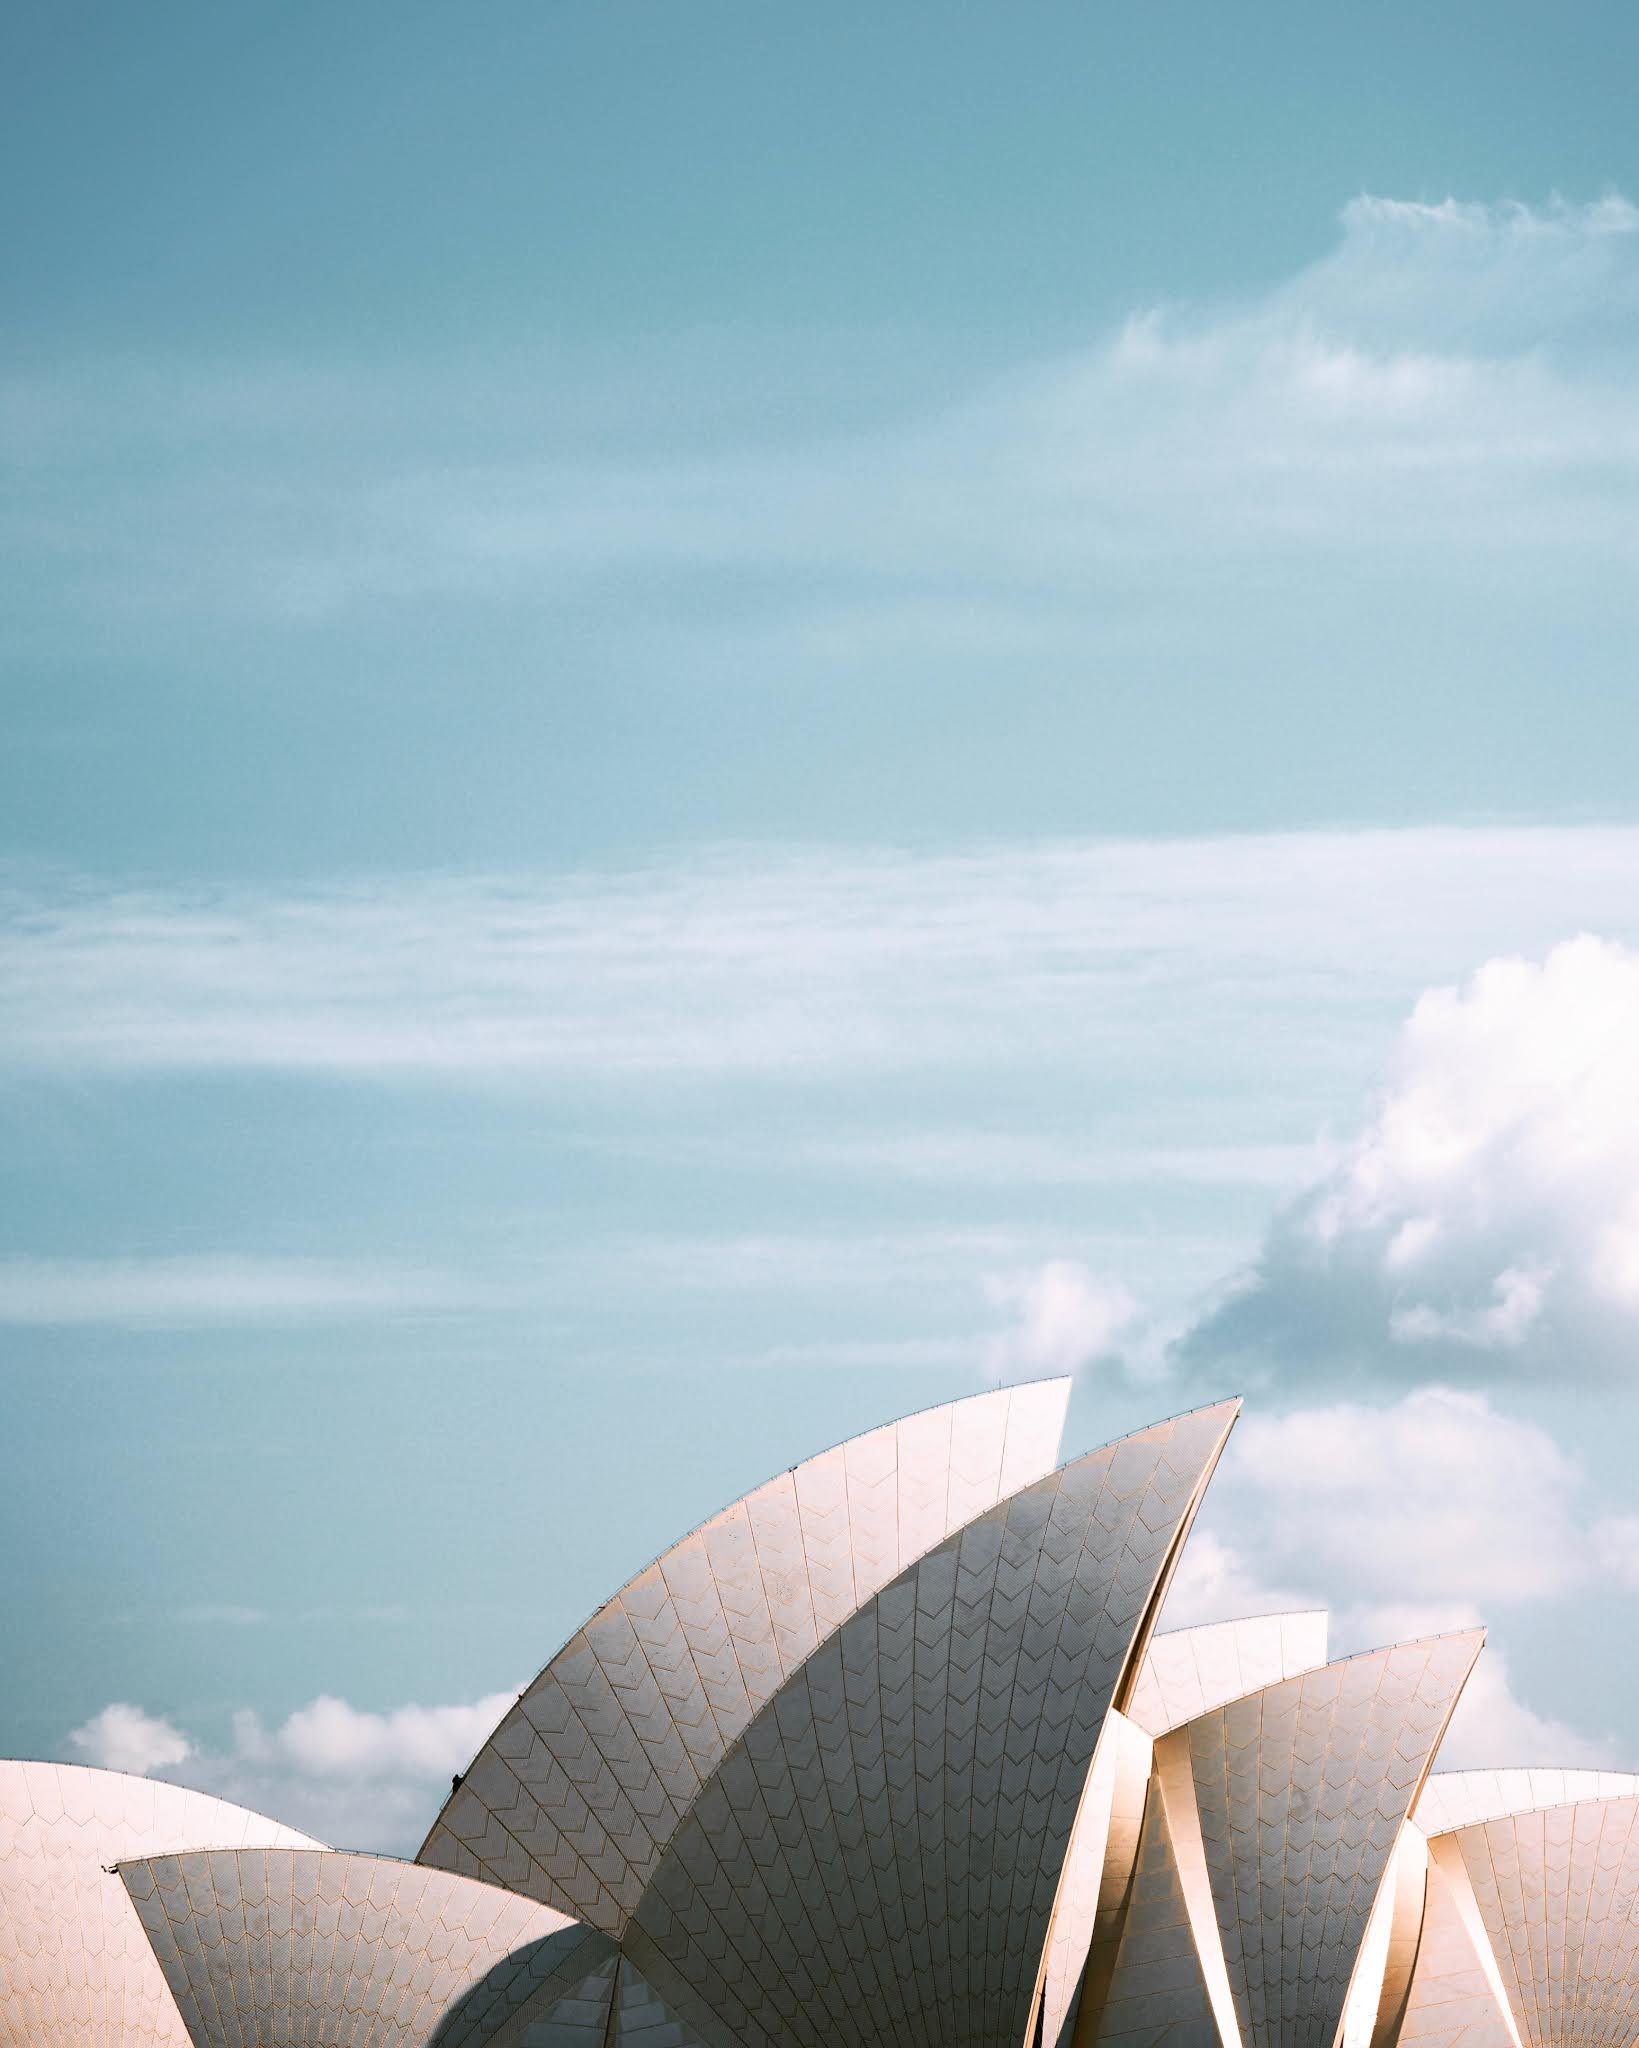 annie-spratt-sydney opera house on a clear crisp day